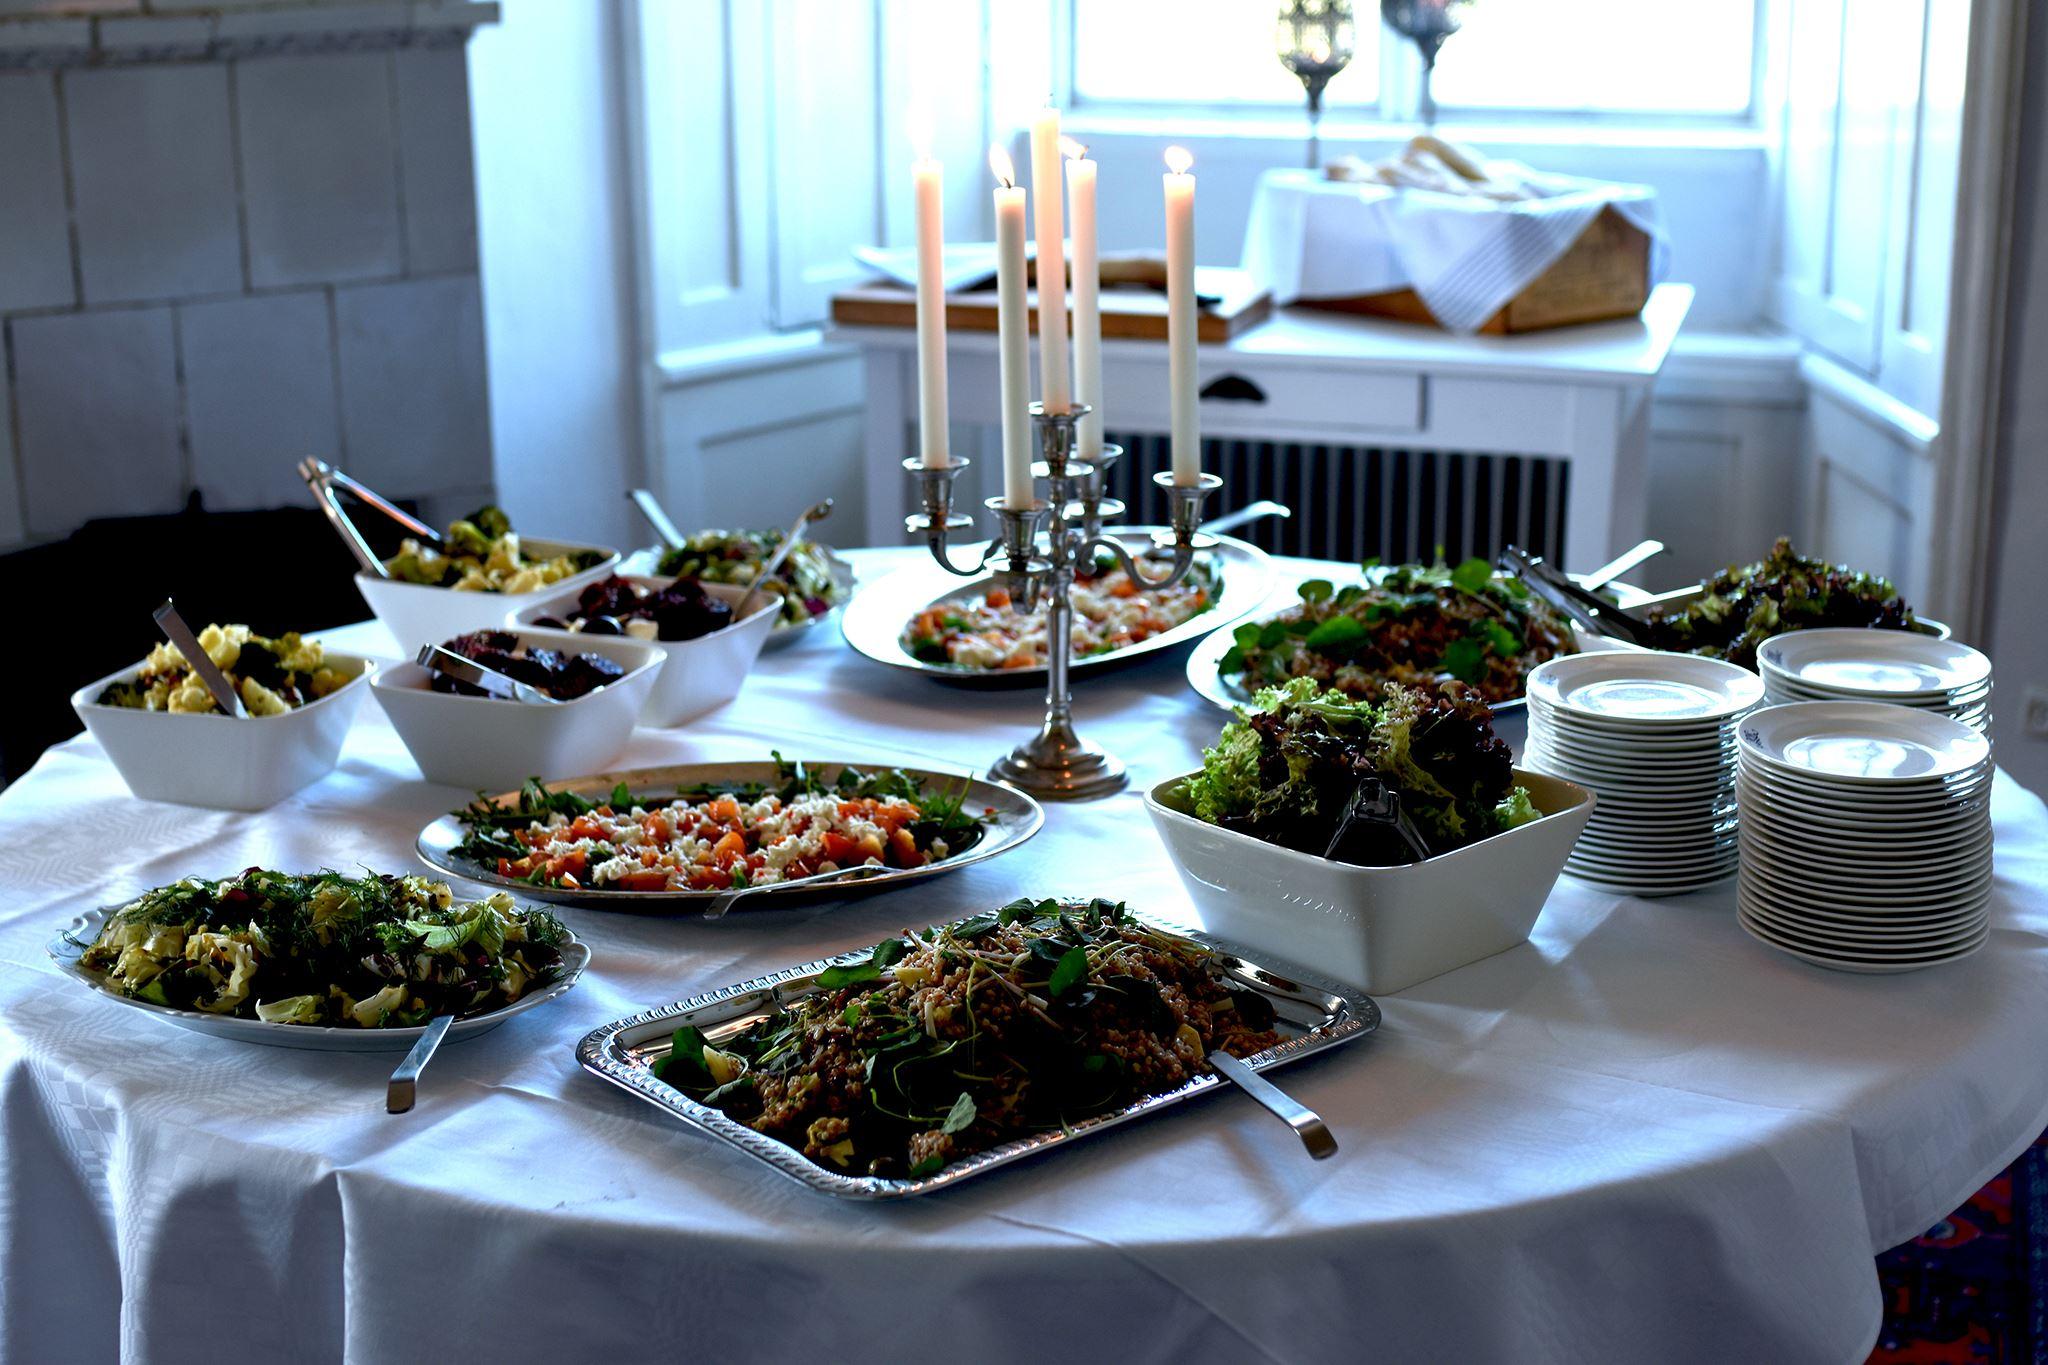 Svaneholms slottsrestaurang, Njut av god mat och dryck i de svenska smakernas melodi